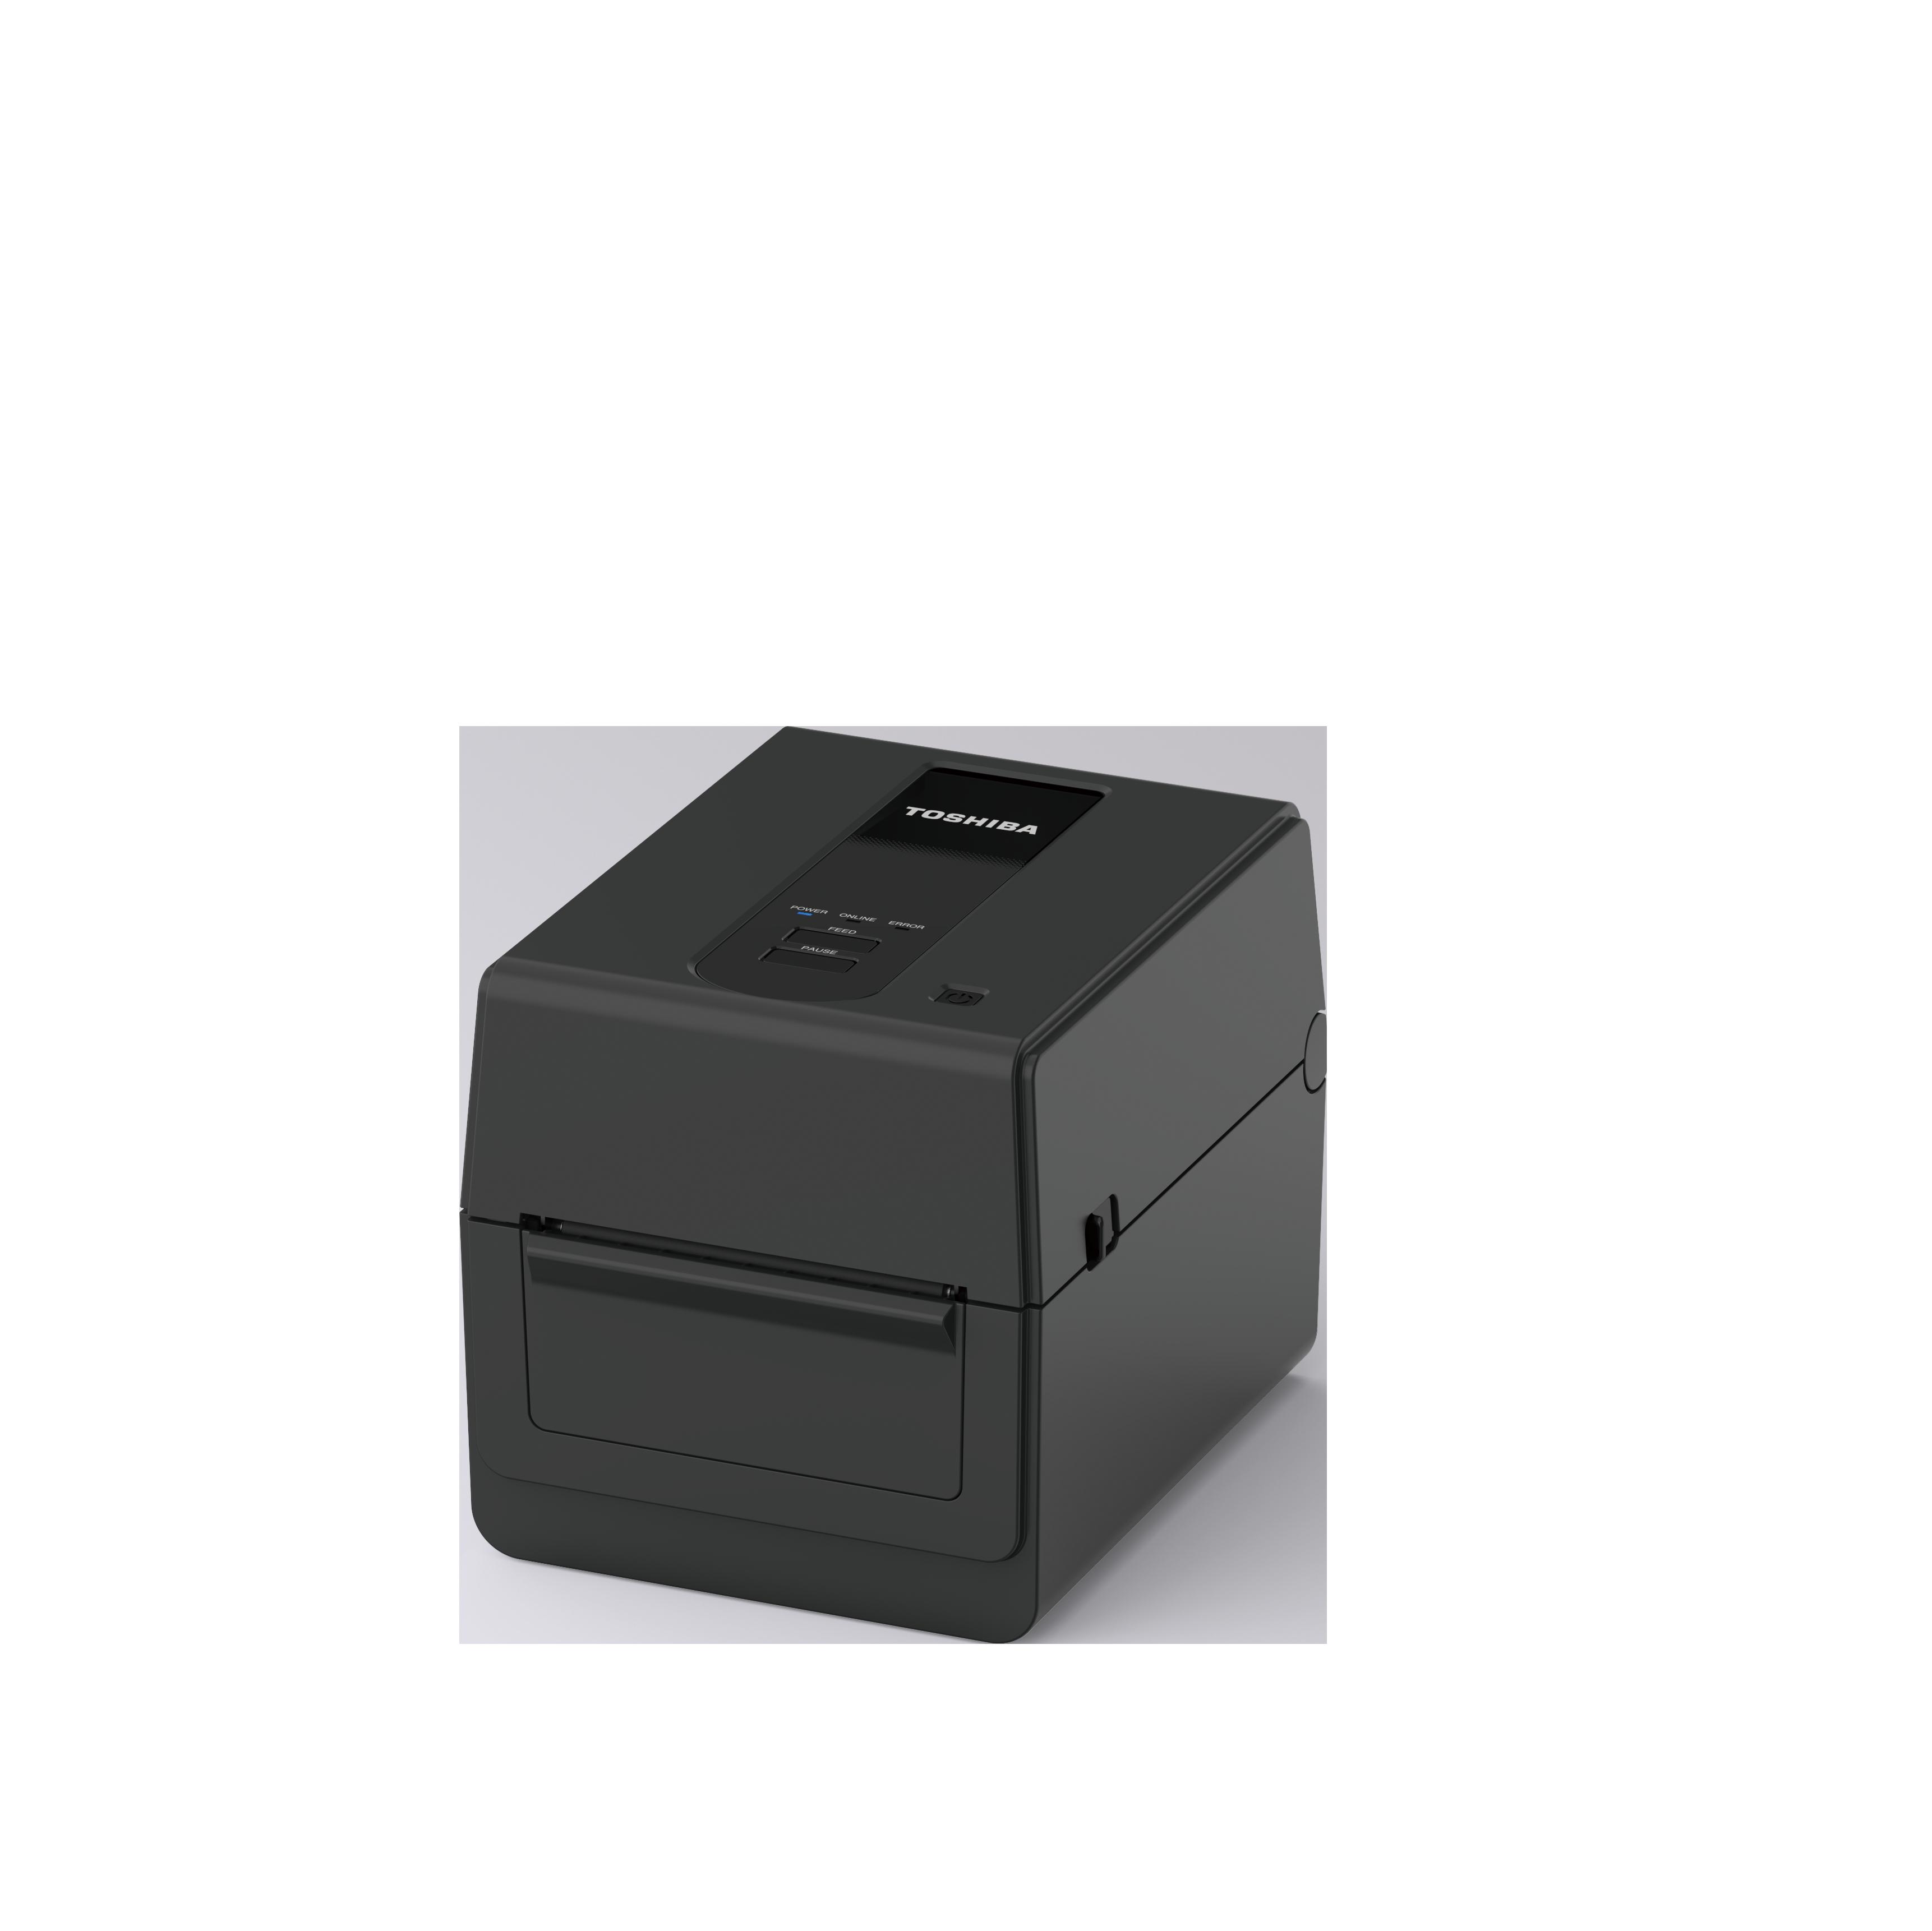 Toshiba BV420D Etikettendrucker Desktop